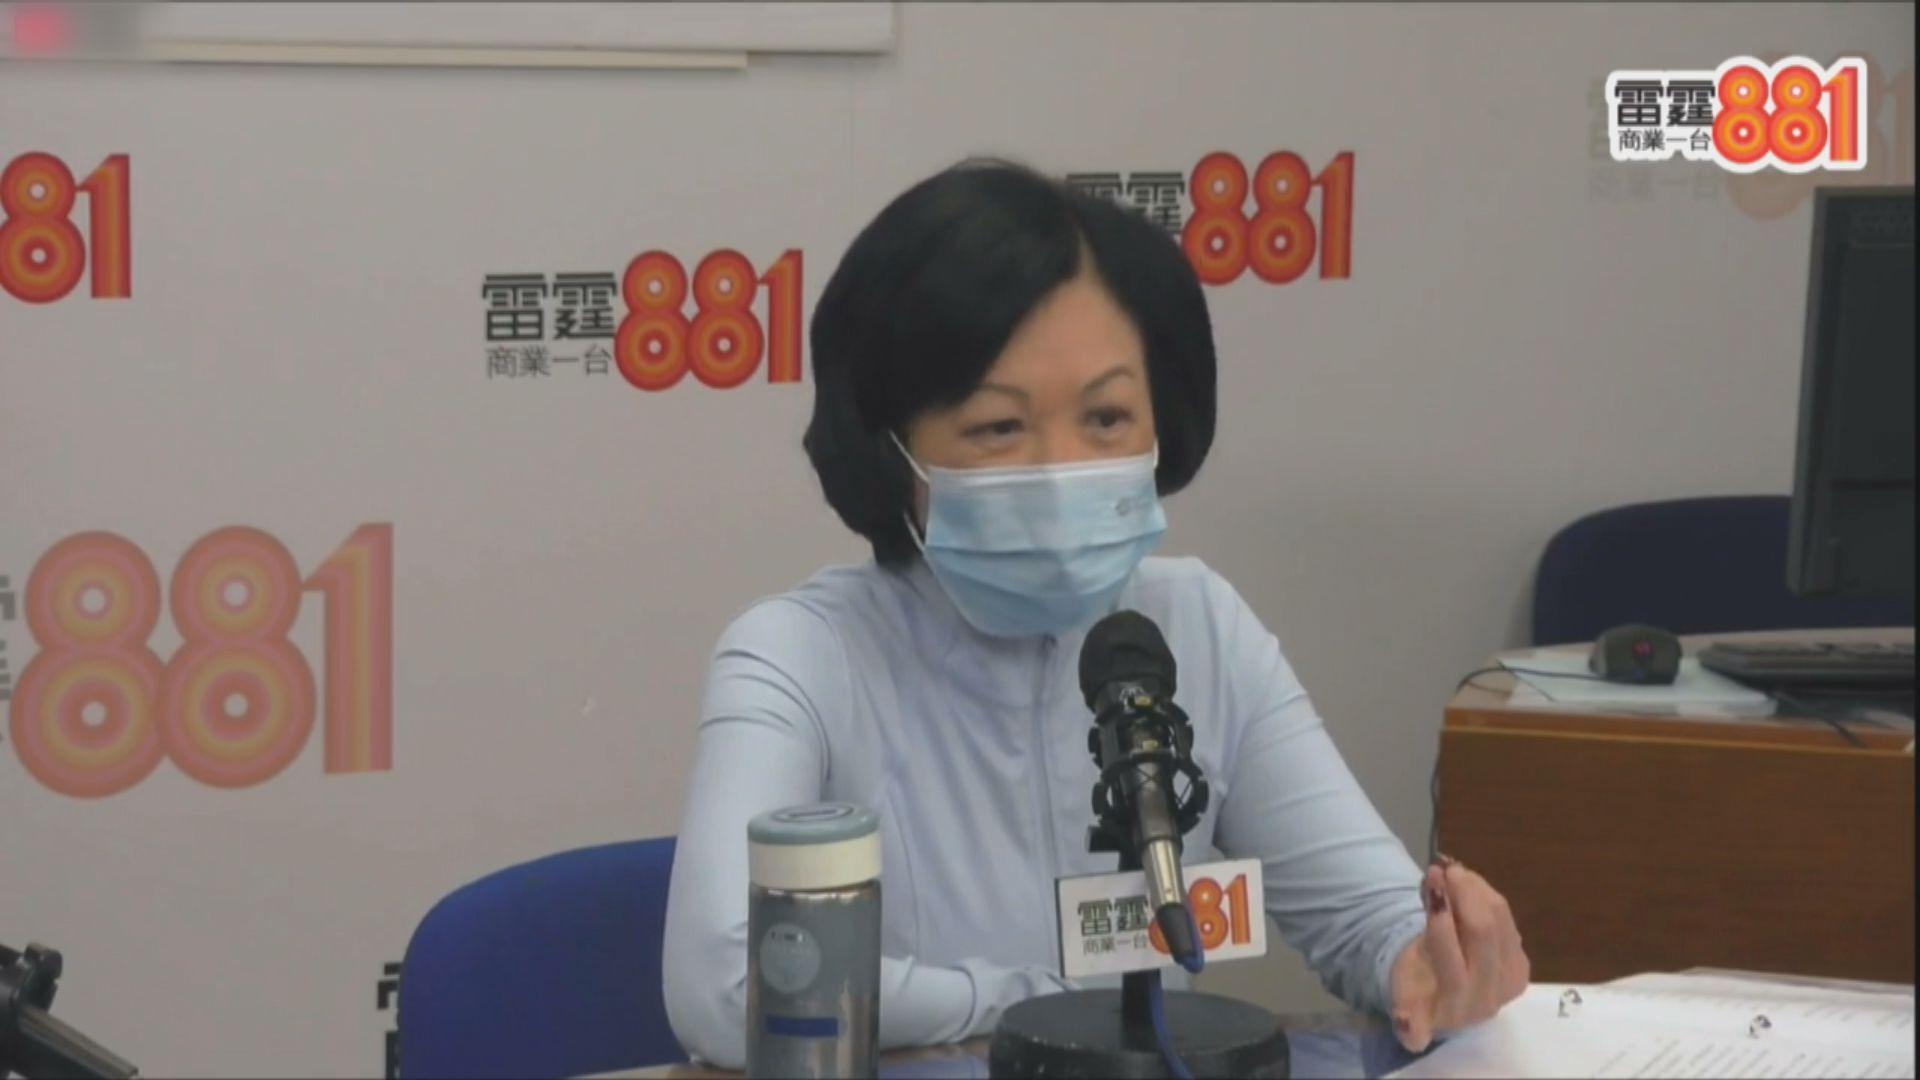 葉劉淑儀 : 議員不可只談愛國 須有履職決心